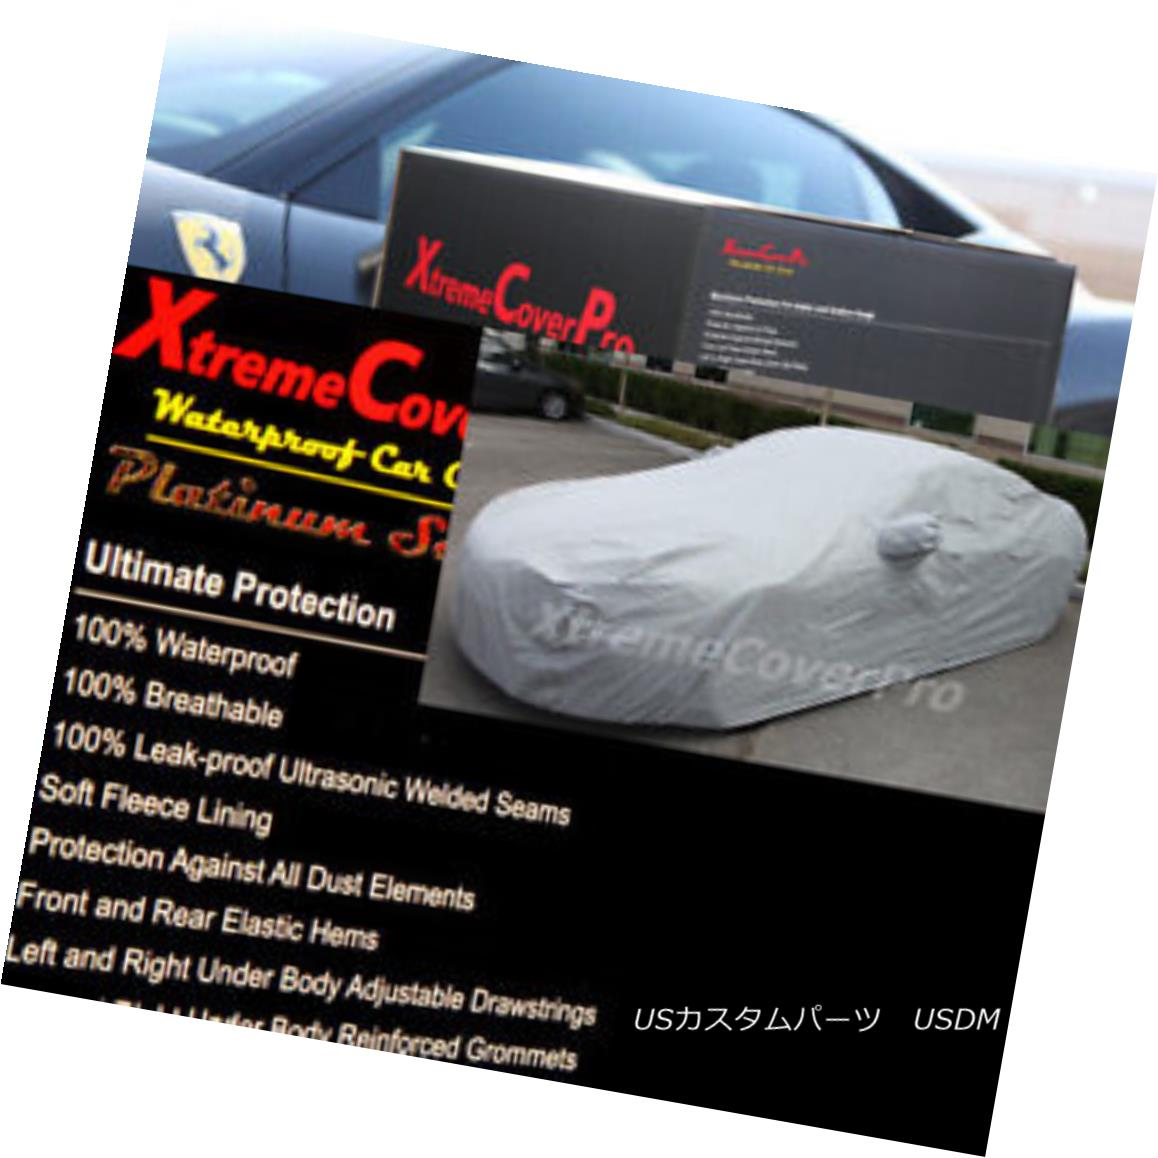 カーカバー 2014 Audi R8 Waterproof Car Cover w/ Mirror Pocket 2014 Audi R8ミラーポケット付防水カーカバー